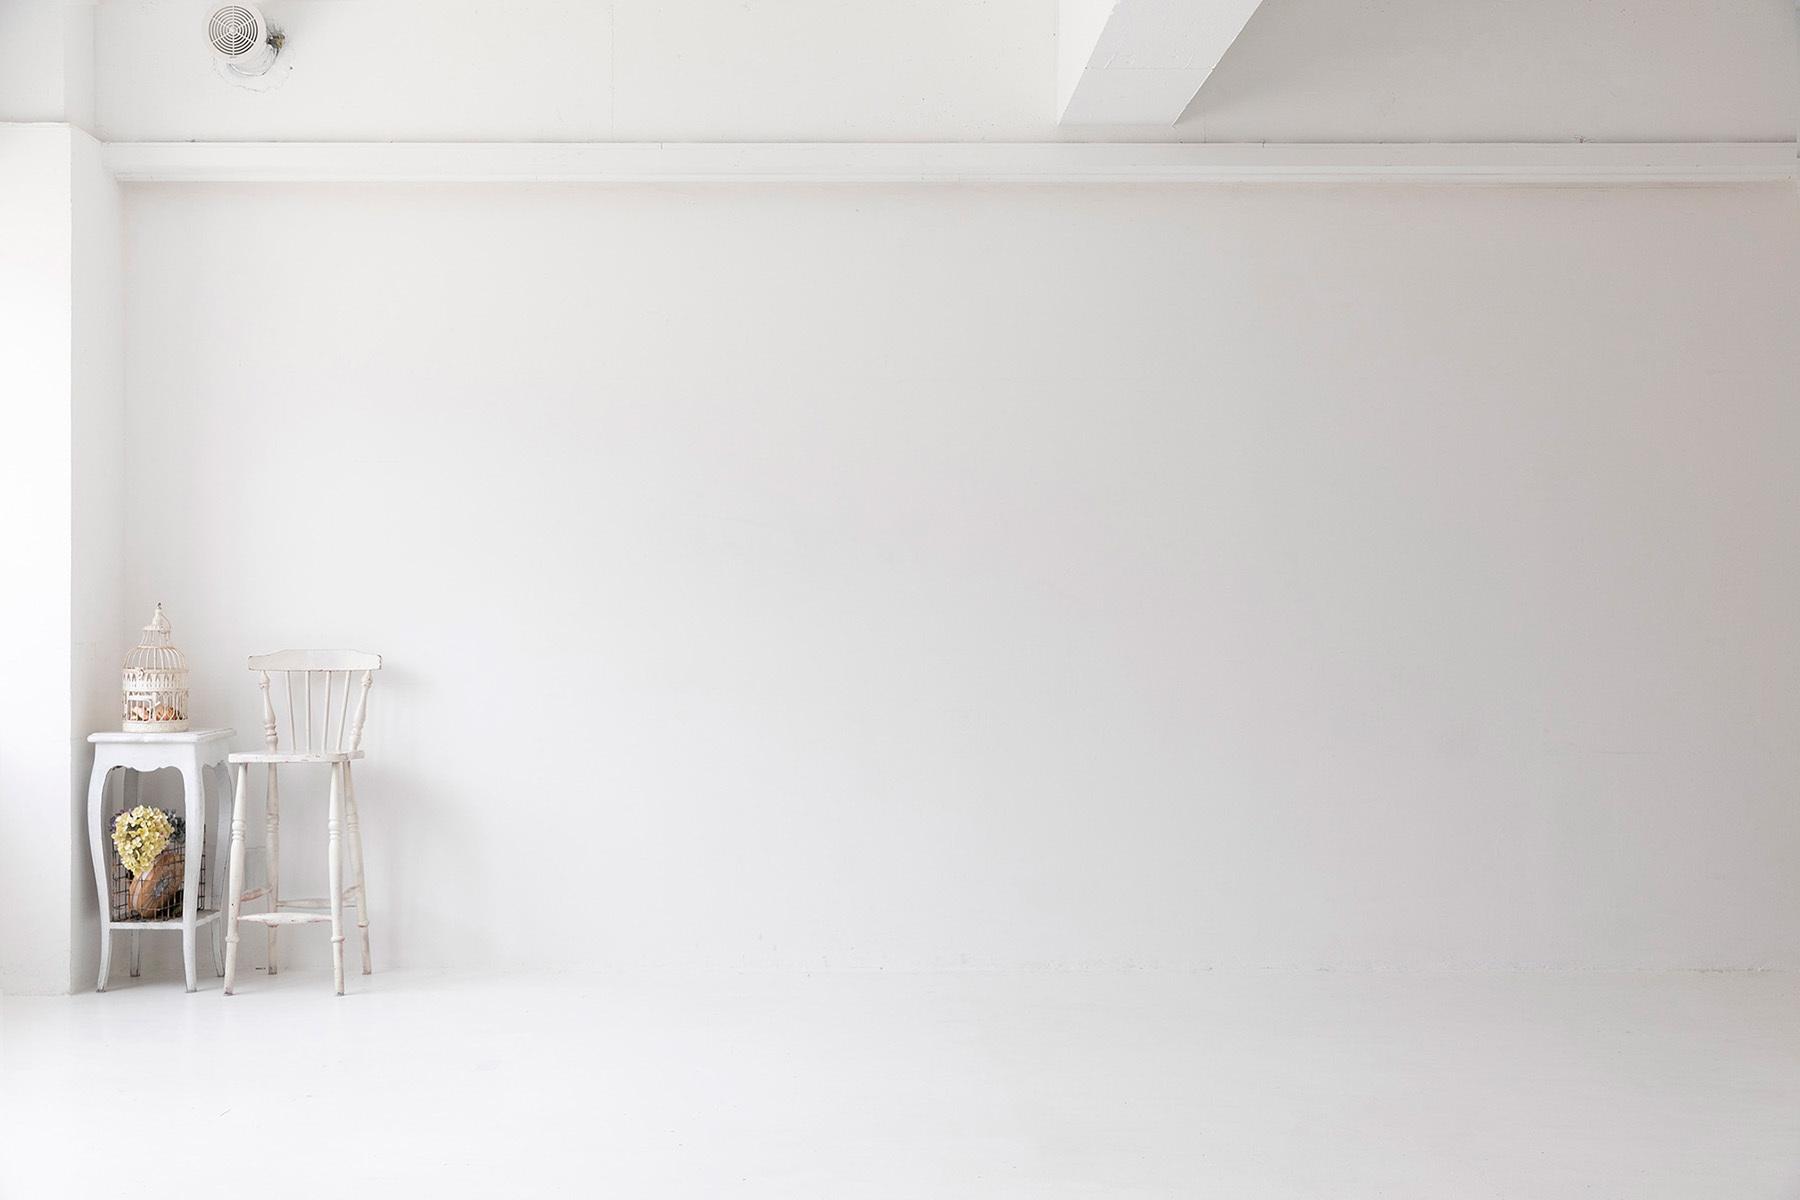 studio Mired(スタジオ ミレッド)稼働式の窓をSET